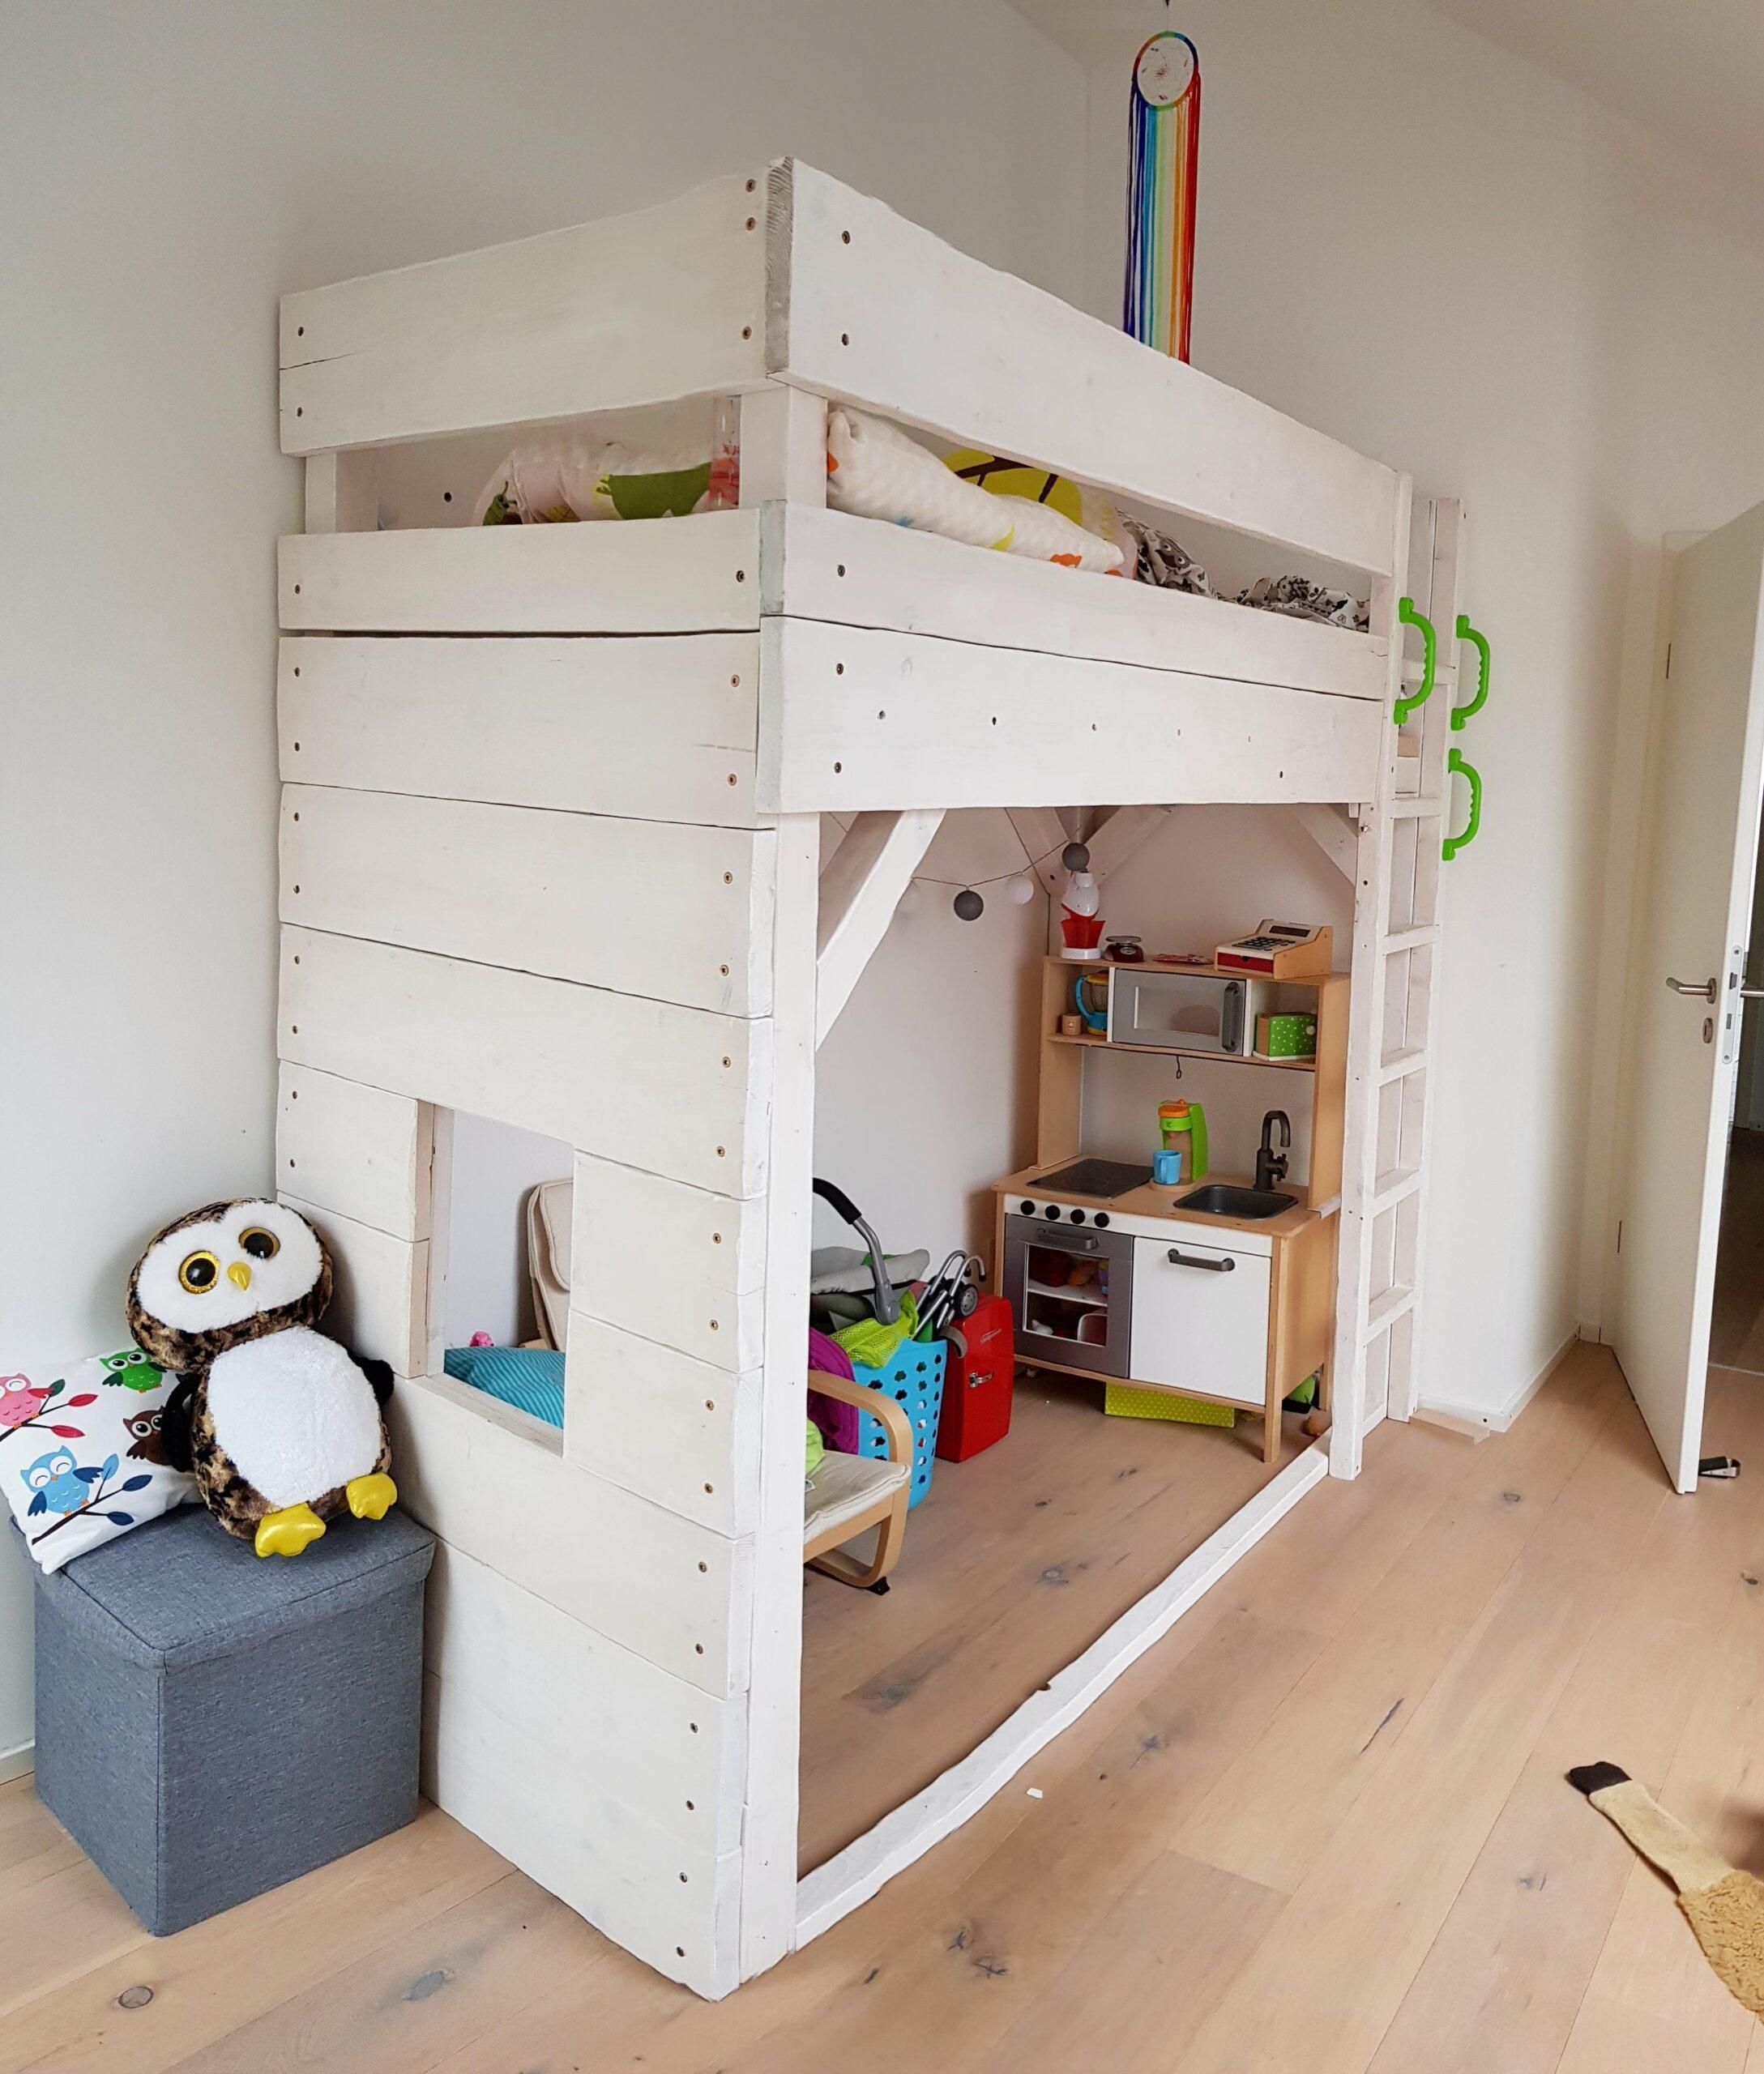 Full Size of Pappbett Bilder Ideen Couch Ikea Miniküche Betten 160x200 Sofa Mit Schlaffunktion Küche Kosten Modulküche Kaufen Bei Wohnzimmer Pappbett Ikea